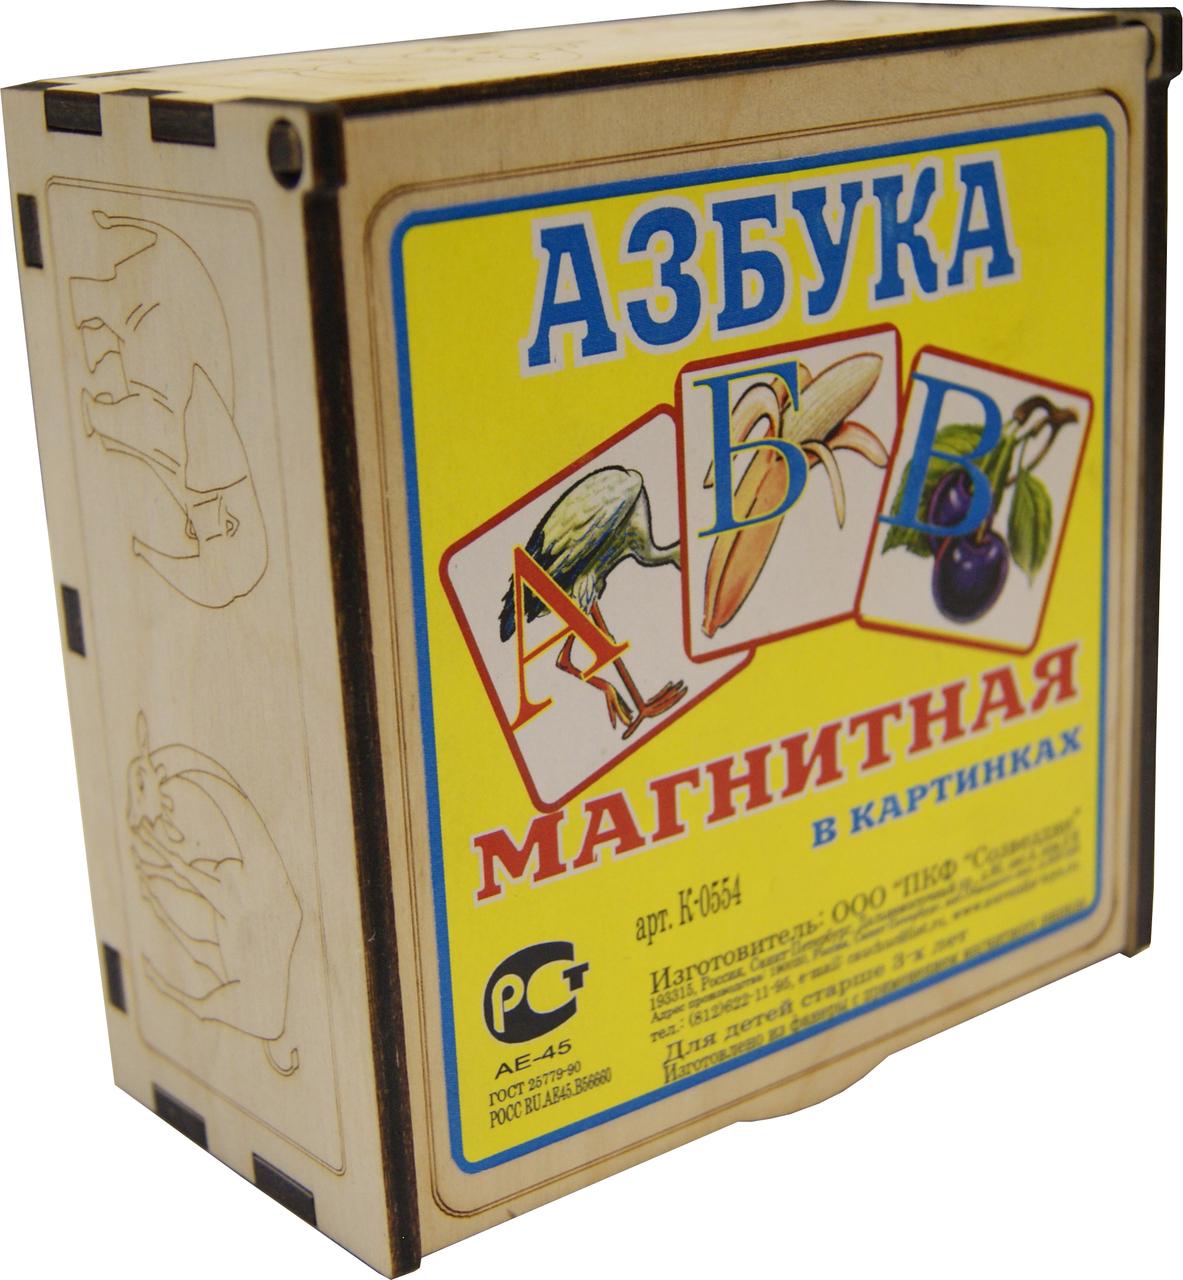 Дерево.Магнитная азбука в картинках - в комплекте 52 буквы, размер магнитной доски 30*30 см